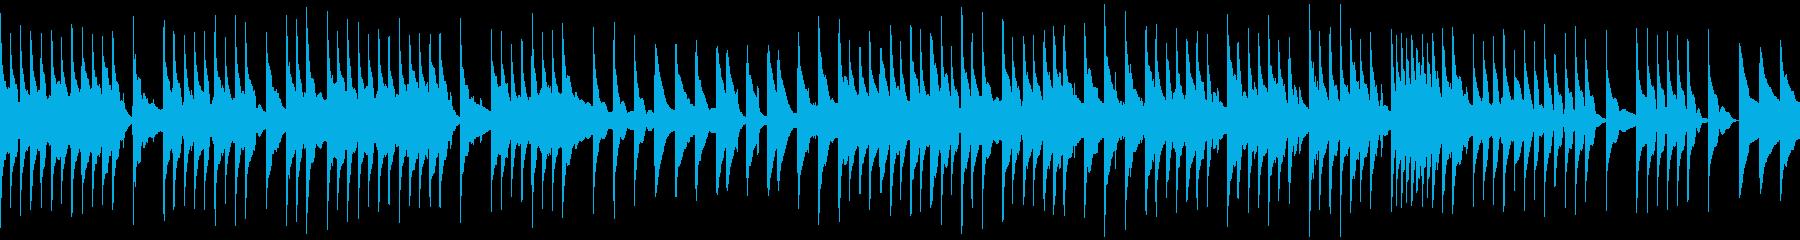 優しいメロディのBGMの再生済みの波形